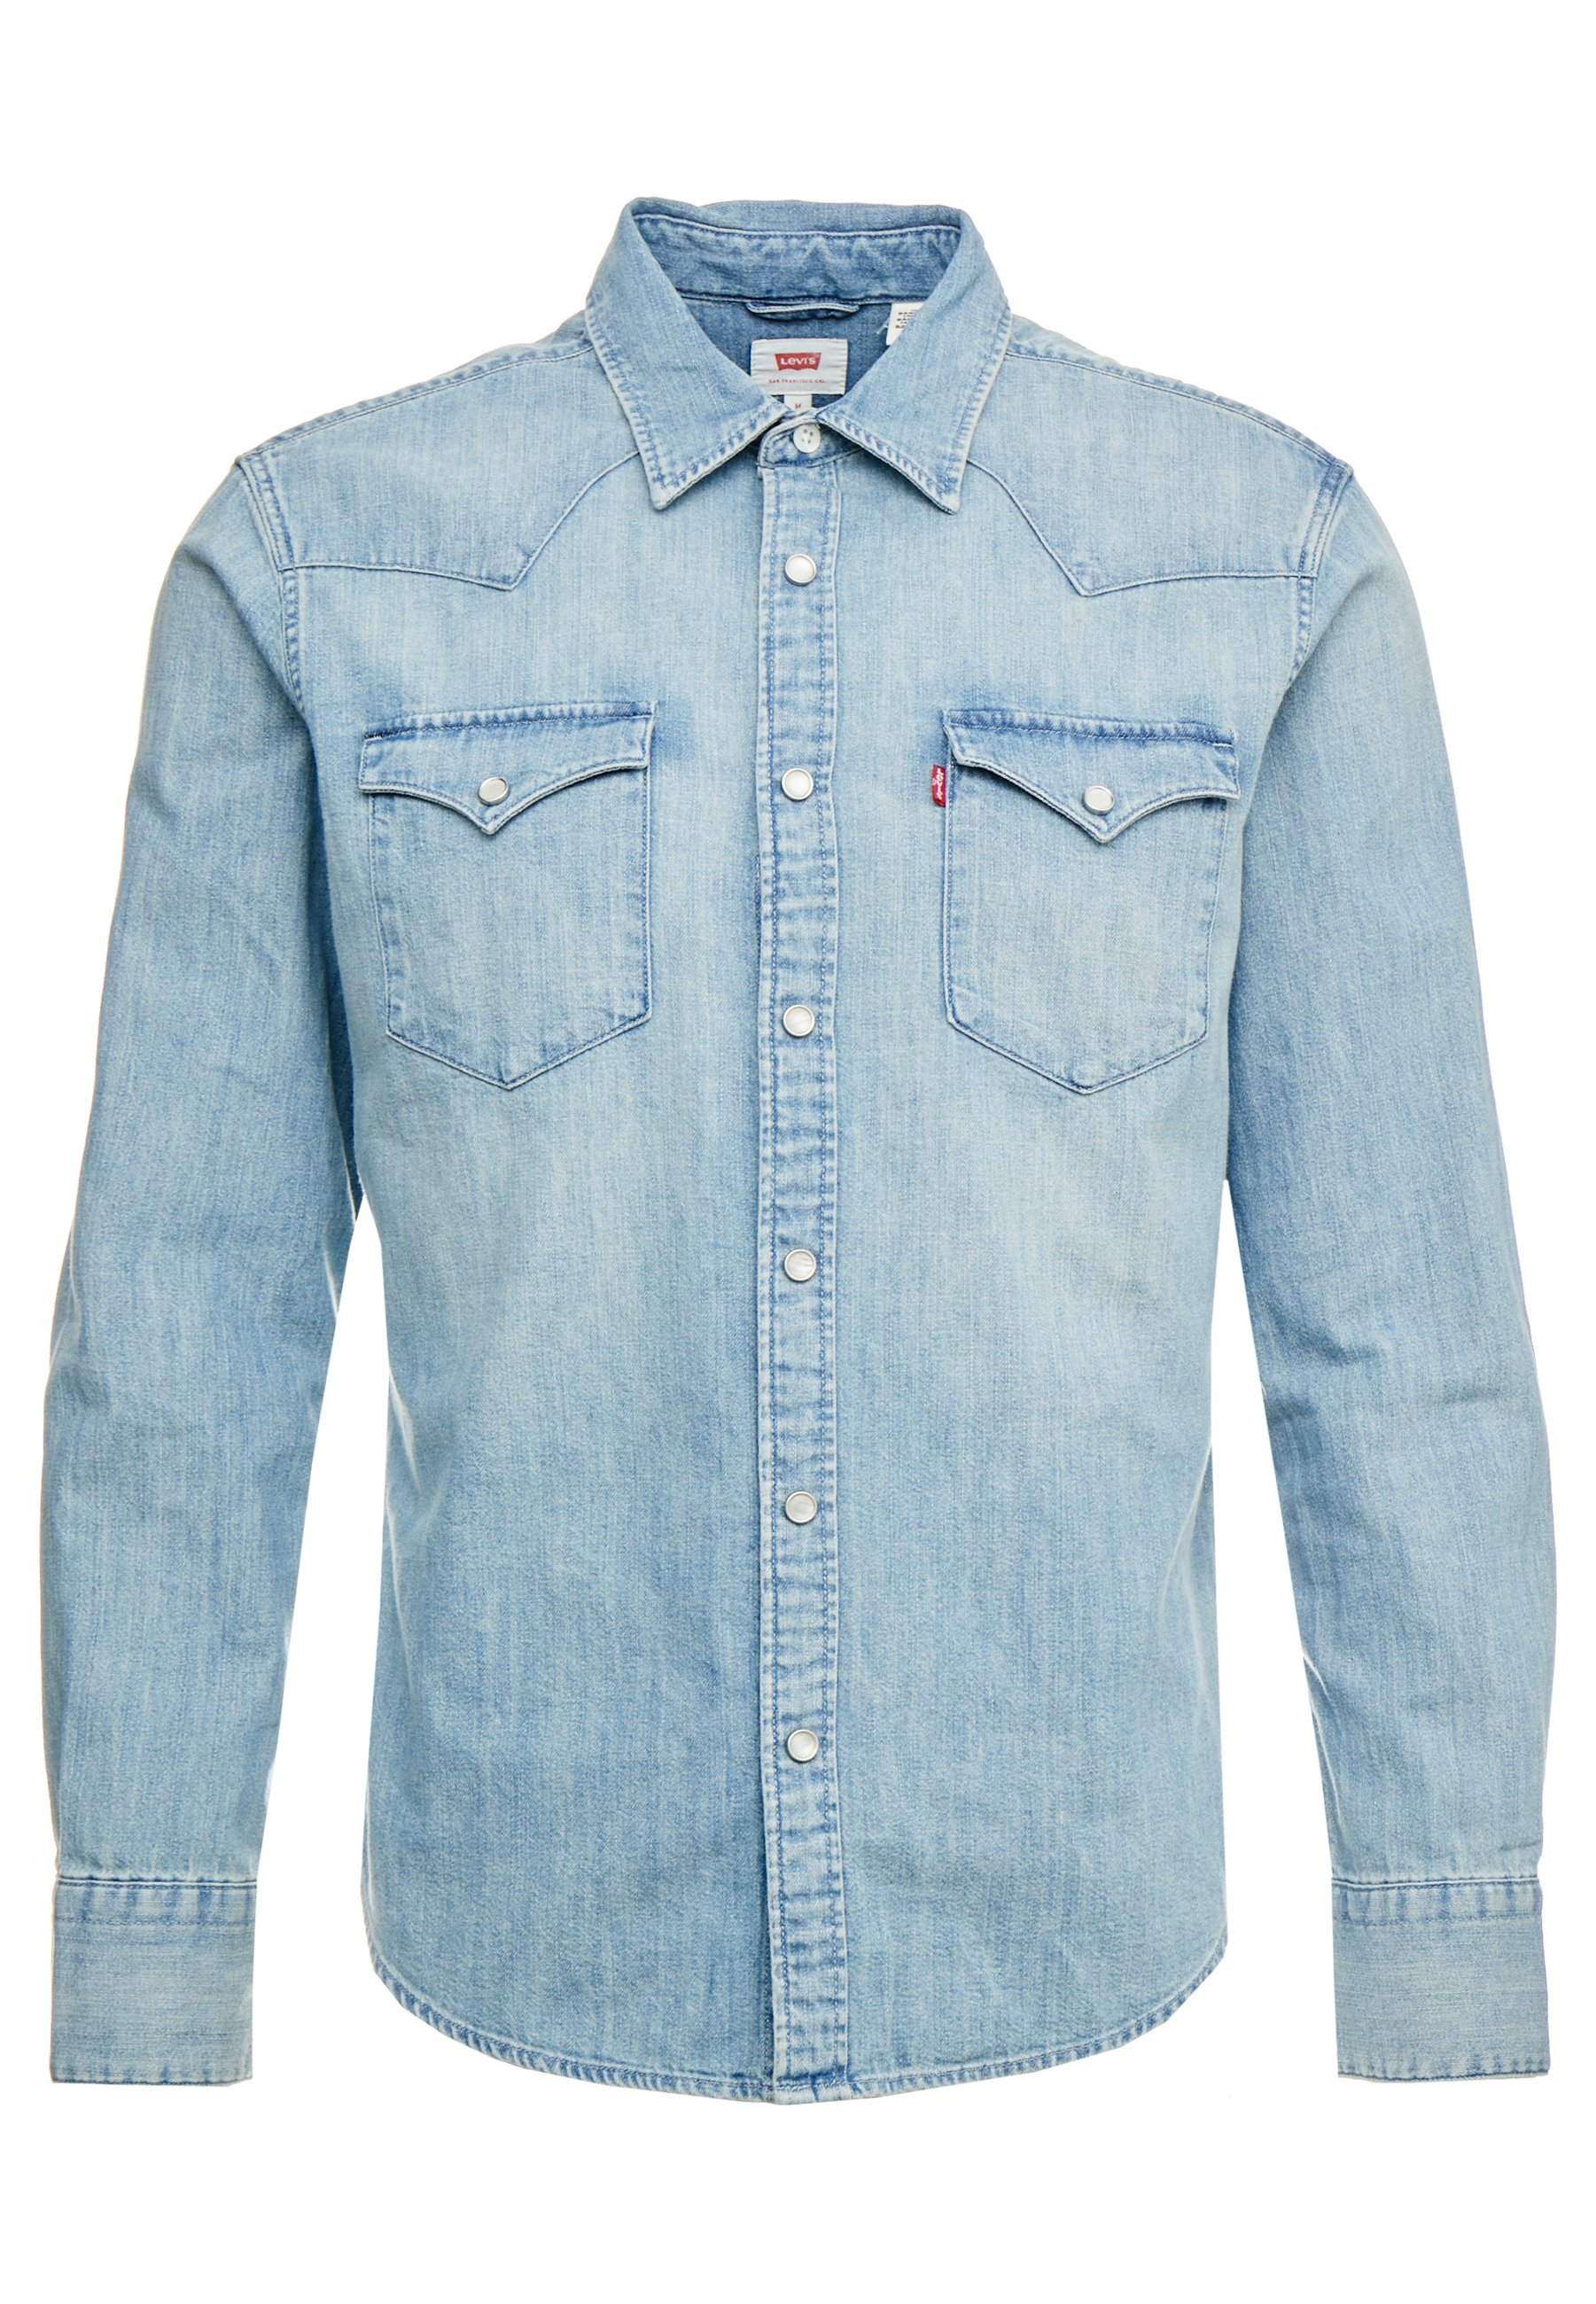 Levi's Skjorte Barstow Western Blå Langermede skjorter